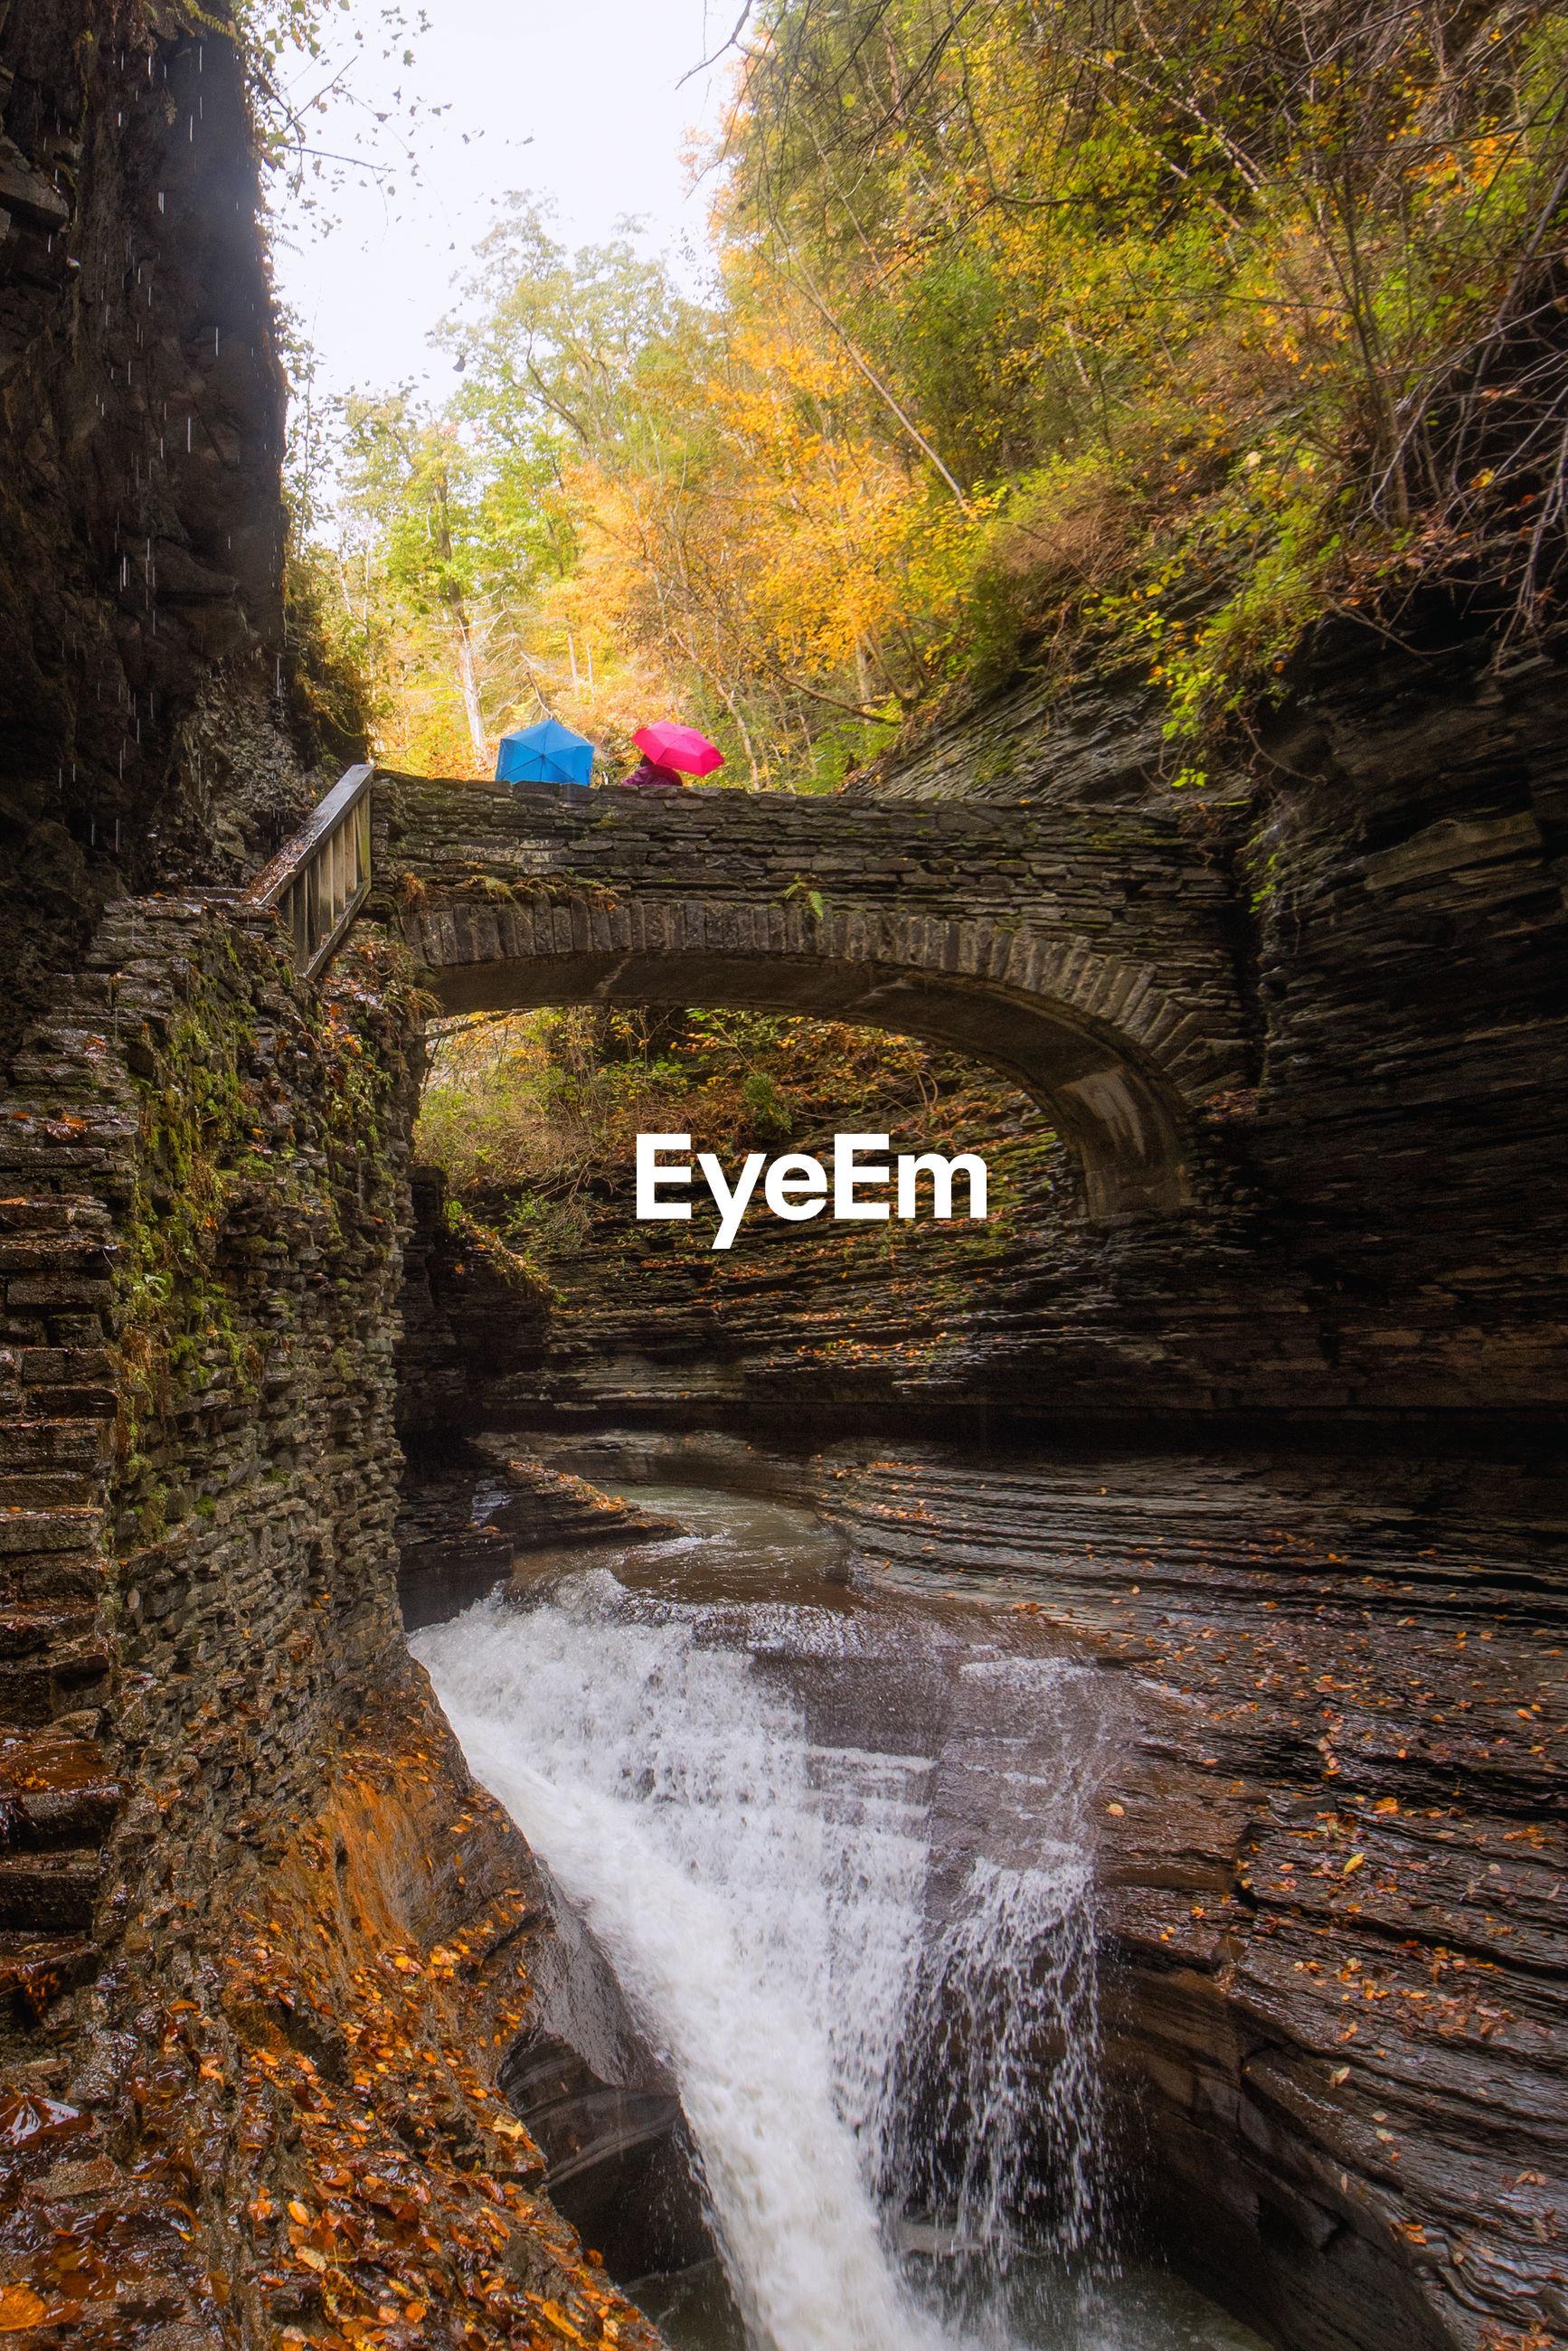 Waterfall below arch bridge in forest